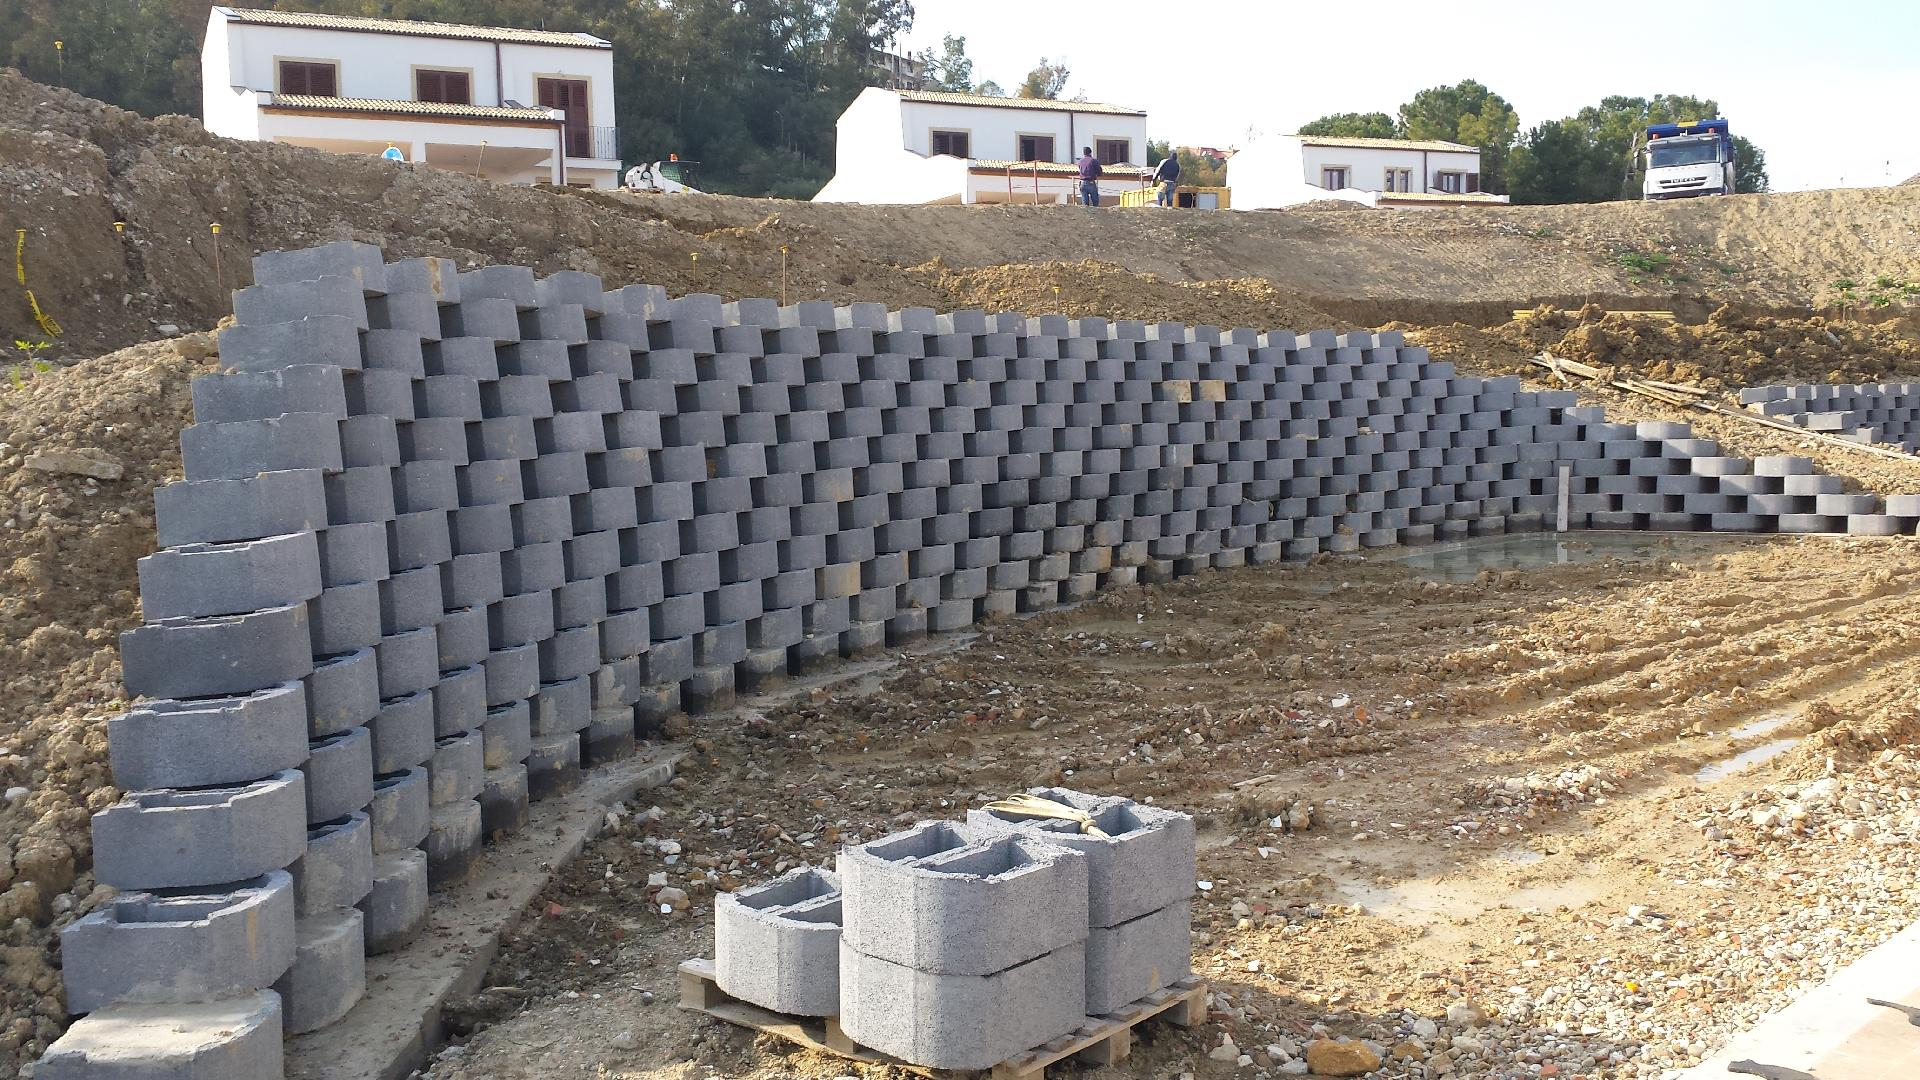 Blocchi in cemento per muri a secco e per mantenimento for Disegni di blocchi di cemento casa